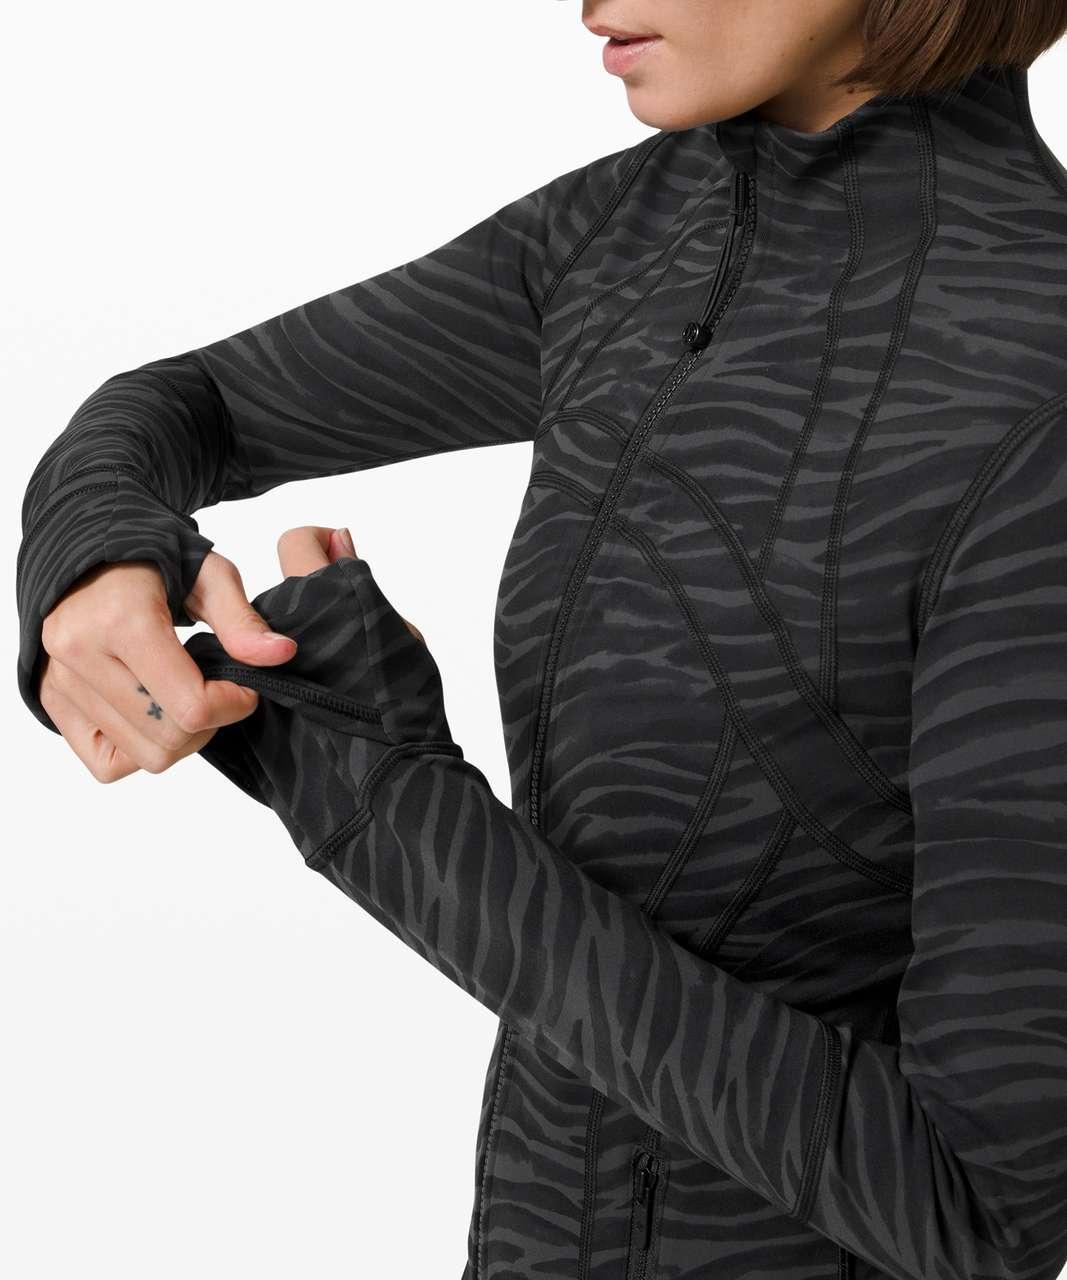 Lululemon Define Jacket - Le Tigre Camo Deep Coal Multi